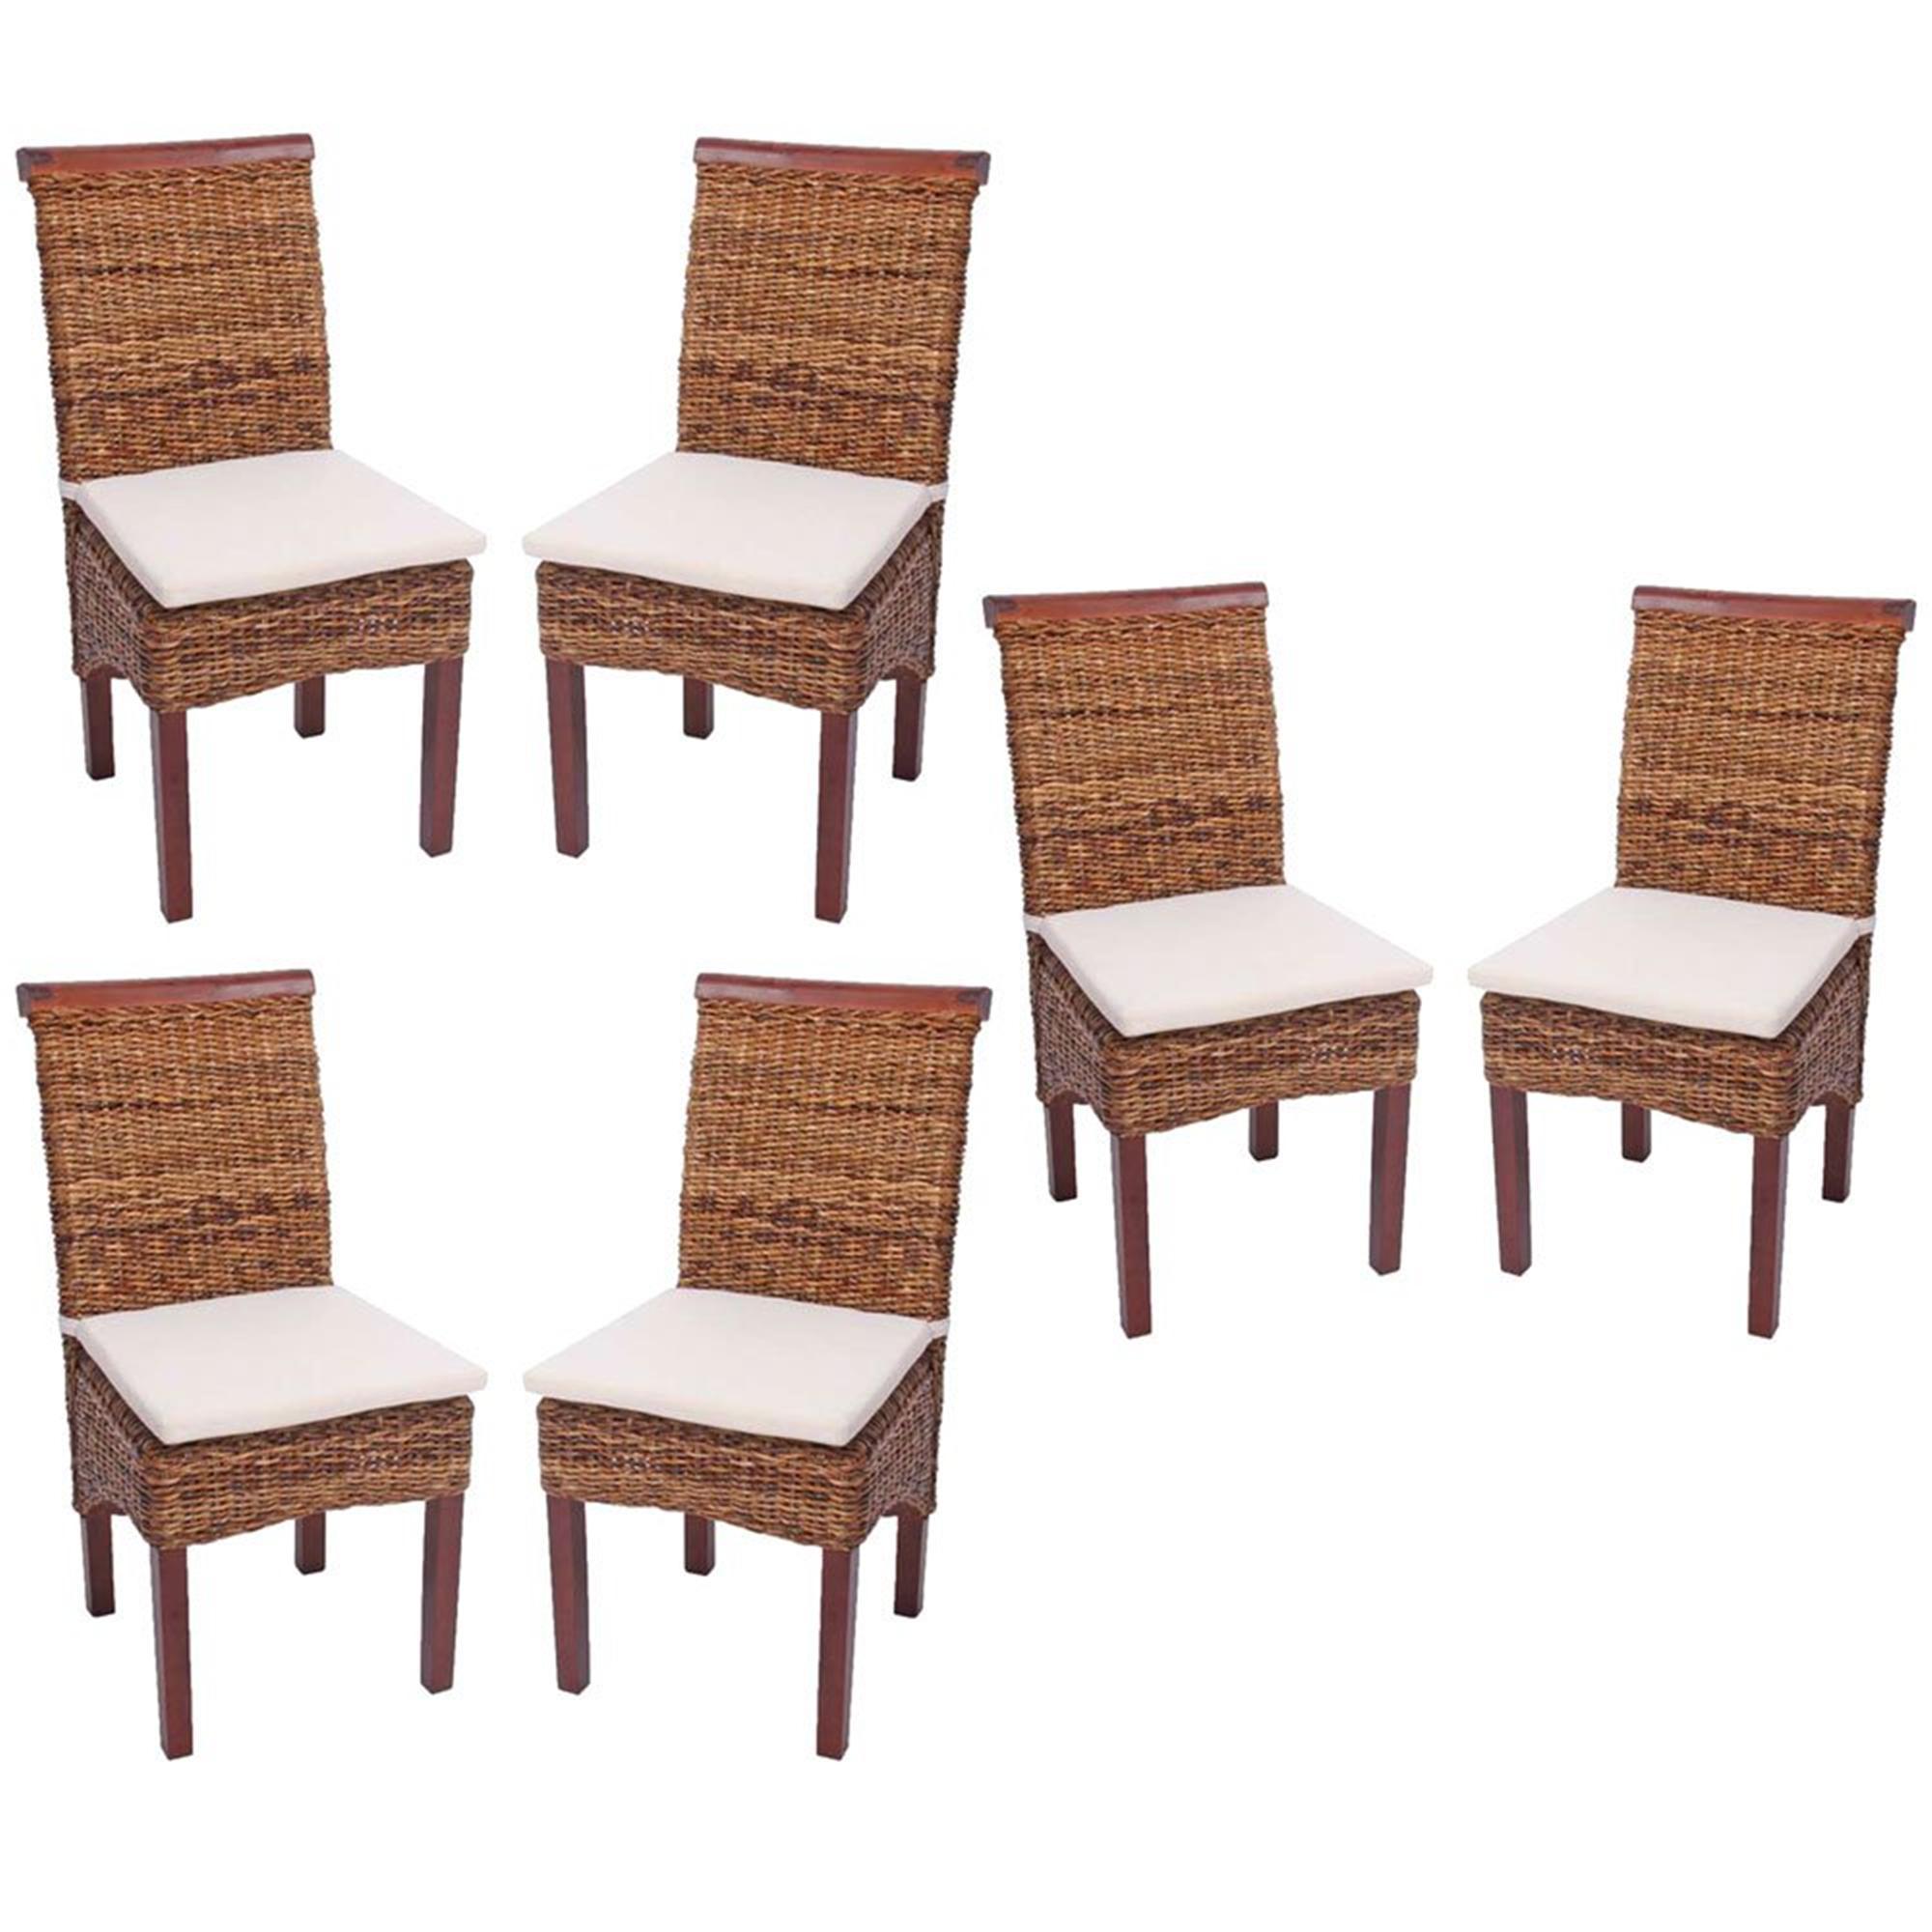 Cojines sillas jardin cojn sillas terraza asiento y - Cojines para sillas terraza ...